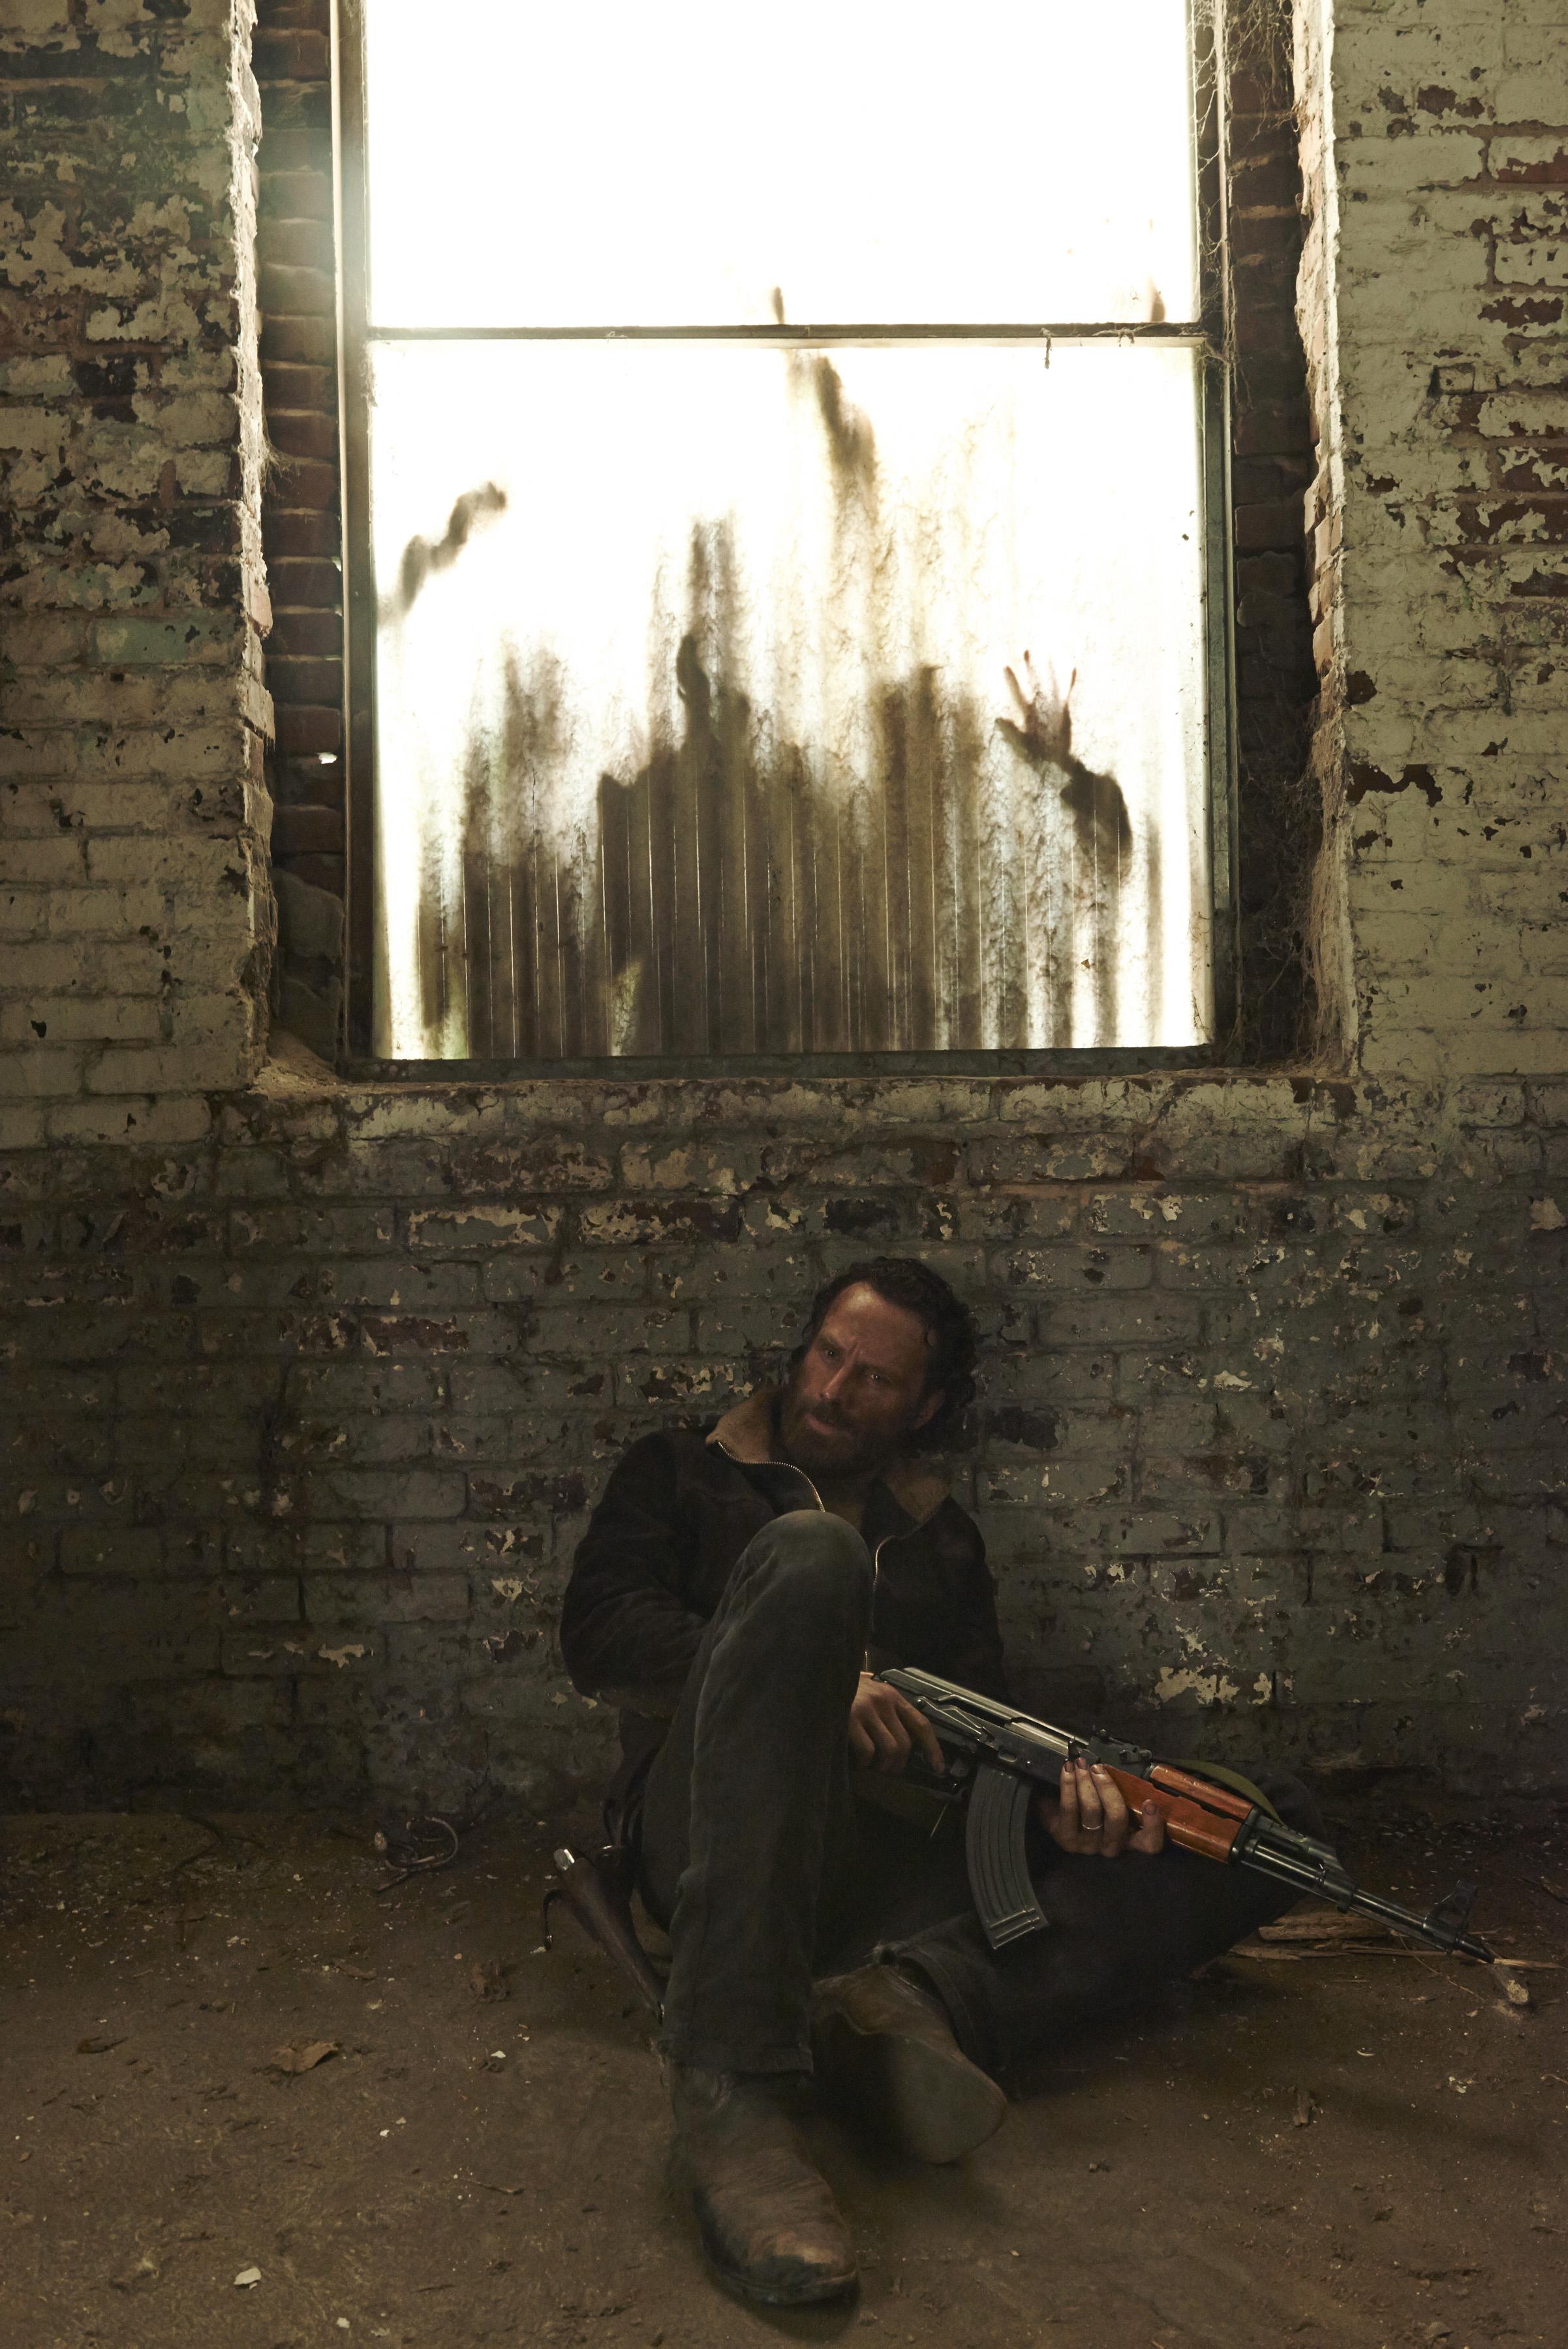 Walking Dead Wallpaper Season 5 Posted By Ethan Johnson